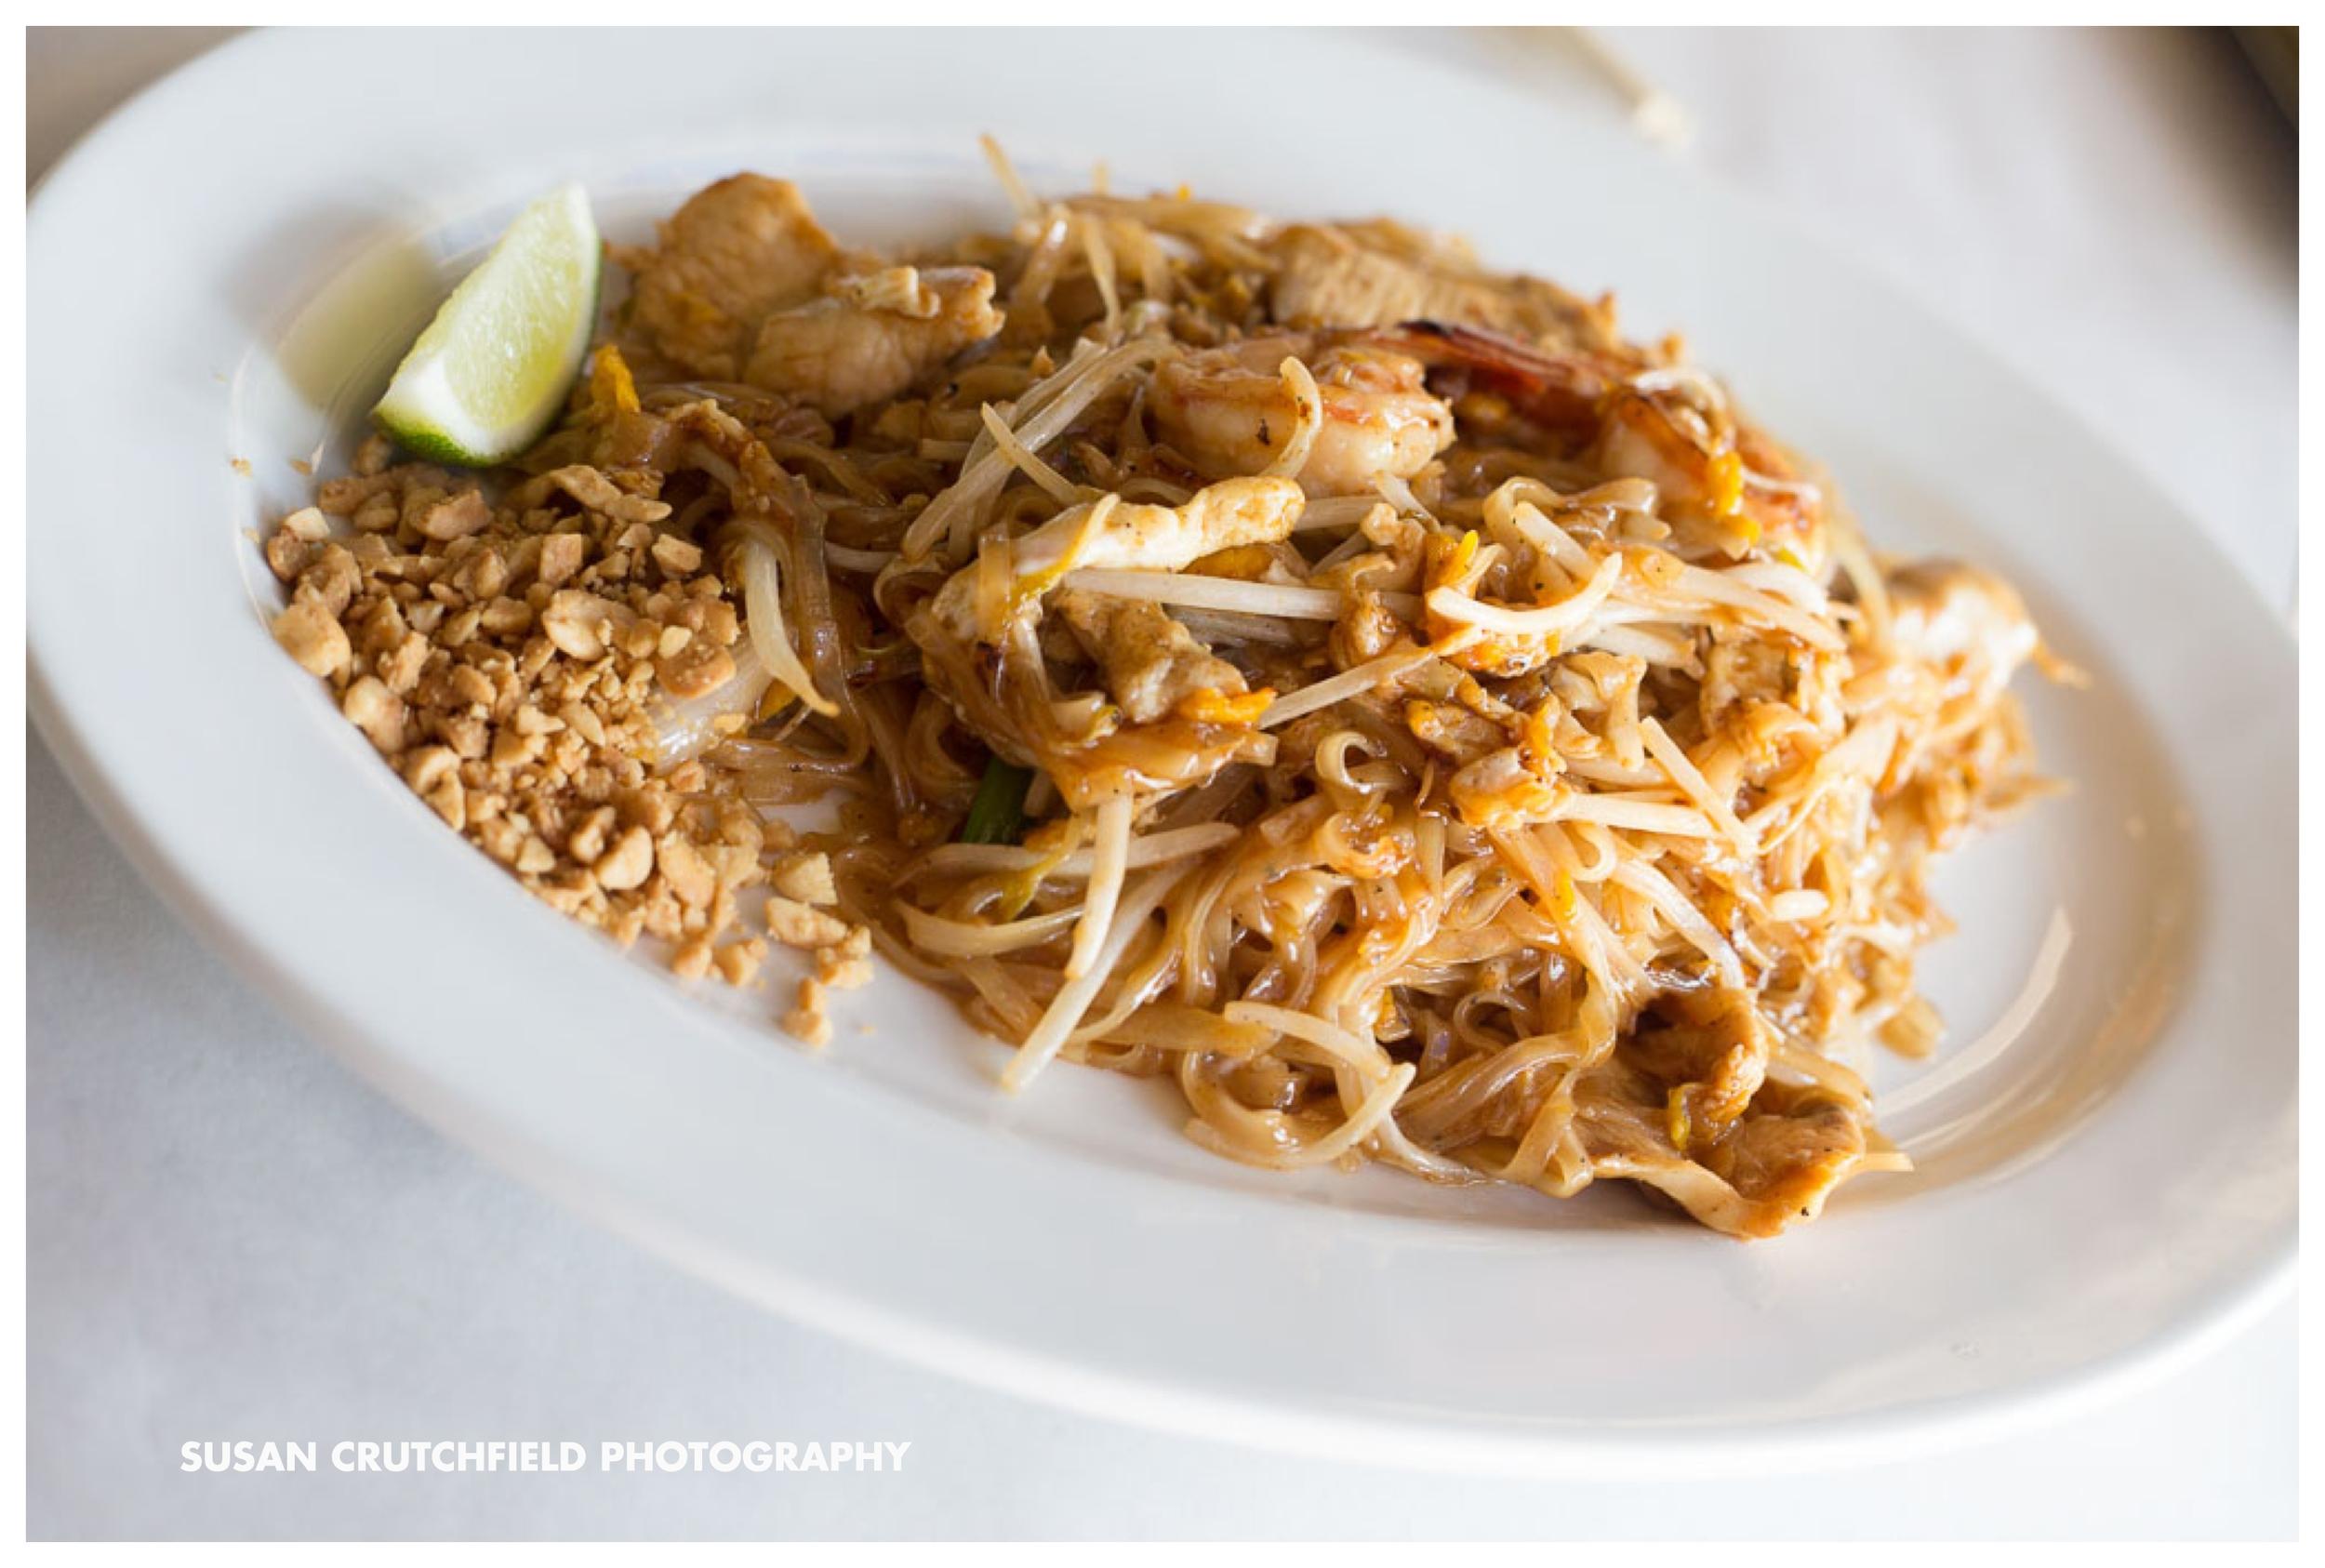 Garlic Thai Newnan, GA Photo © Susan Crutchfield Photography